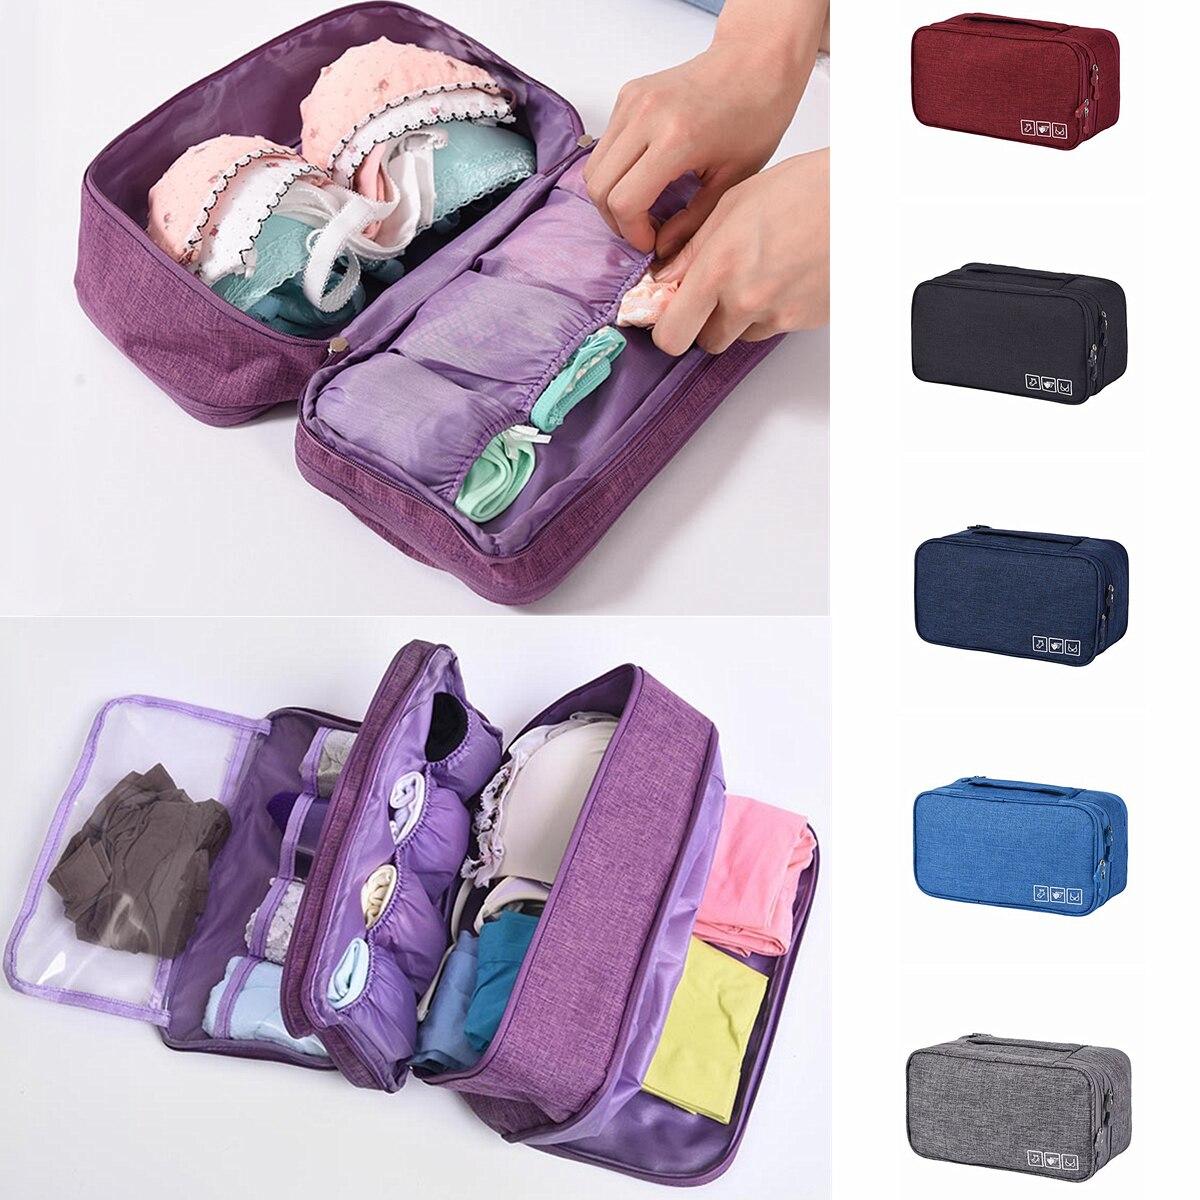 Cubos de Embalagem Underwear Bra Organizador Mala de Bagagem de Viagem Saco de Viagem À Prova D' Água para As Mulheres Caso Bolsa Space Saver Pacote